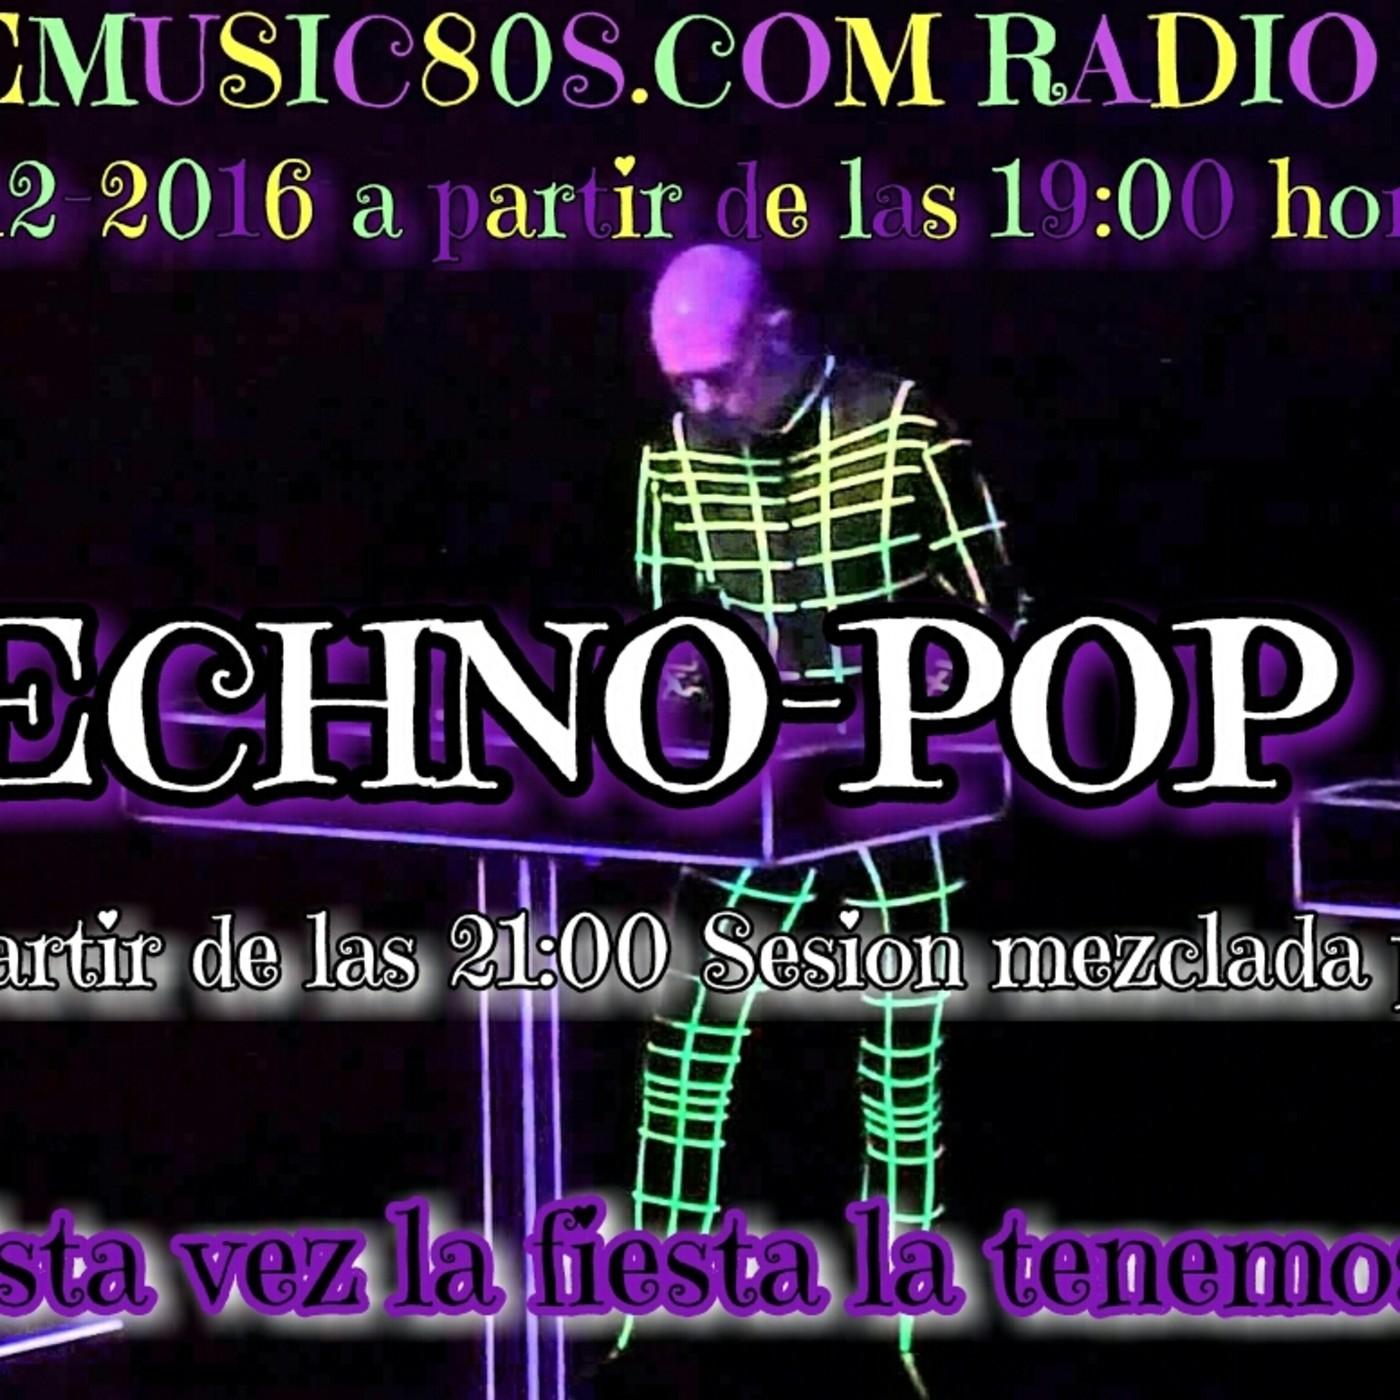 ESCUCHAR LOS 80S MUSICA, Musica Los 80s en linea gratis ...